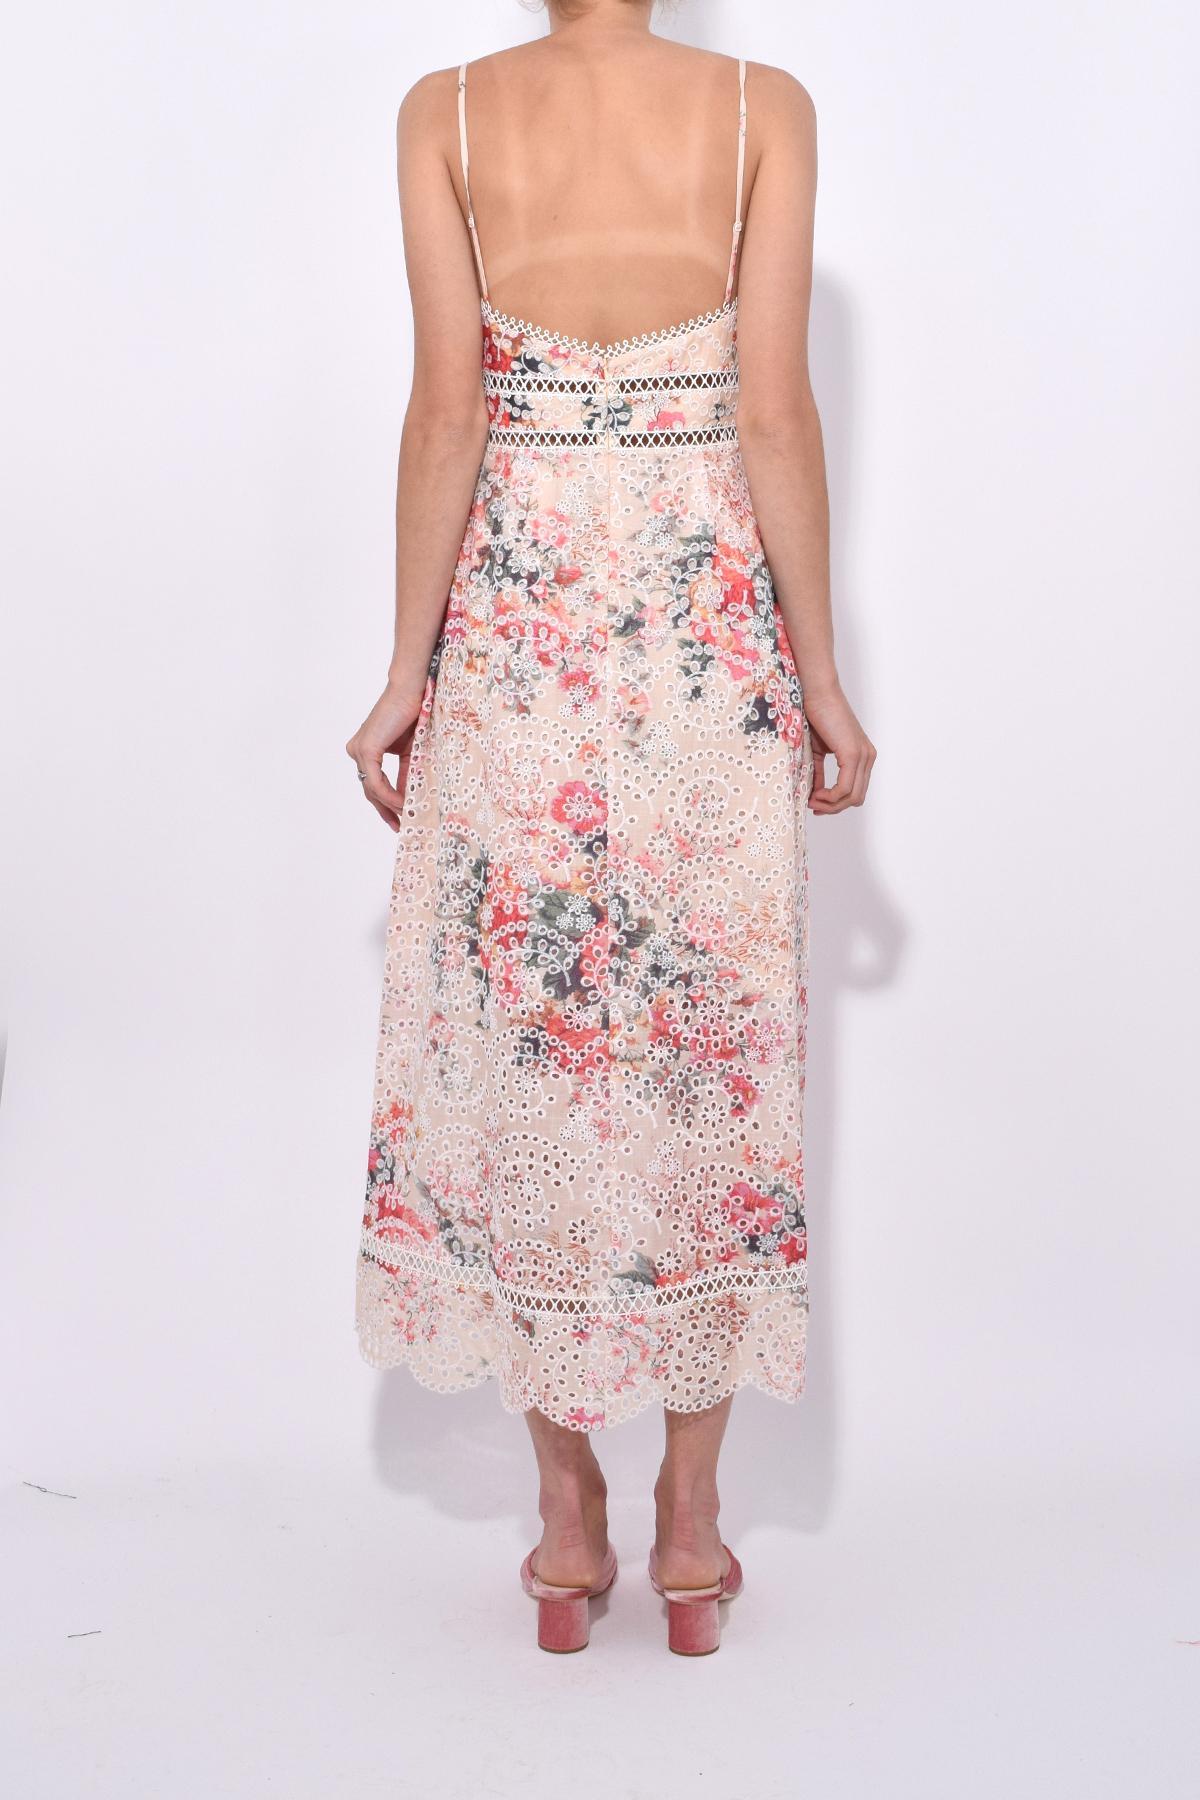 169ceedbbe7c6 Zimmermann Laelia Diamond Bralette Dress In Meadow Floral - Lyst